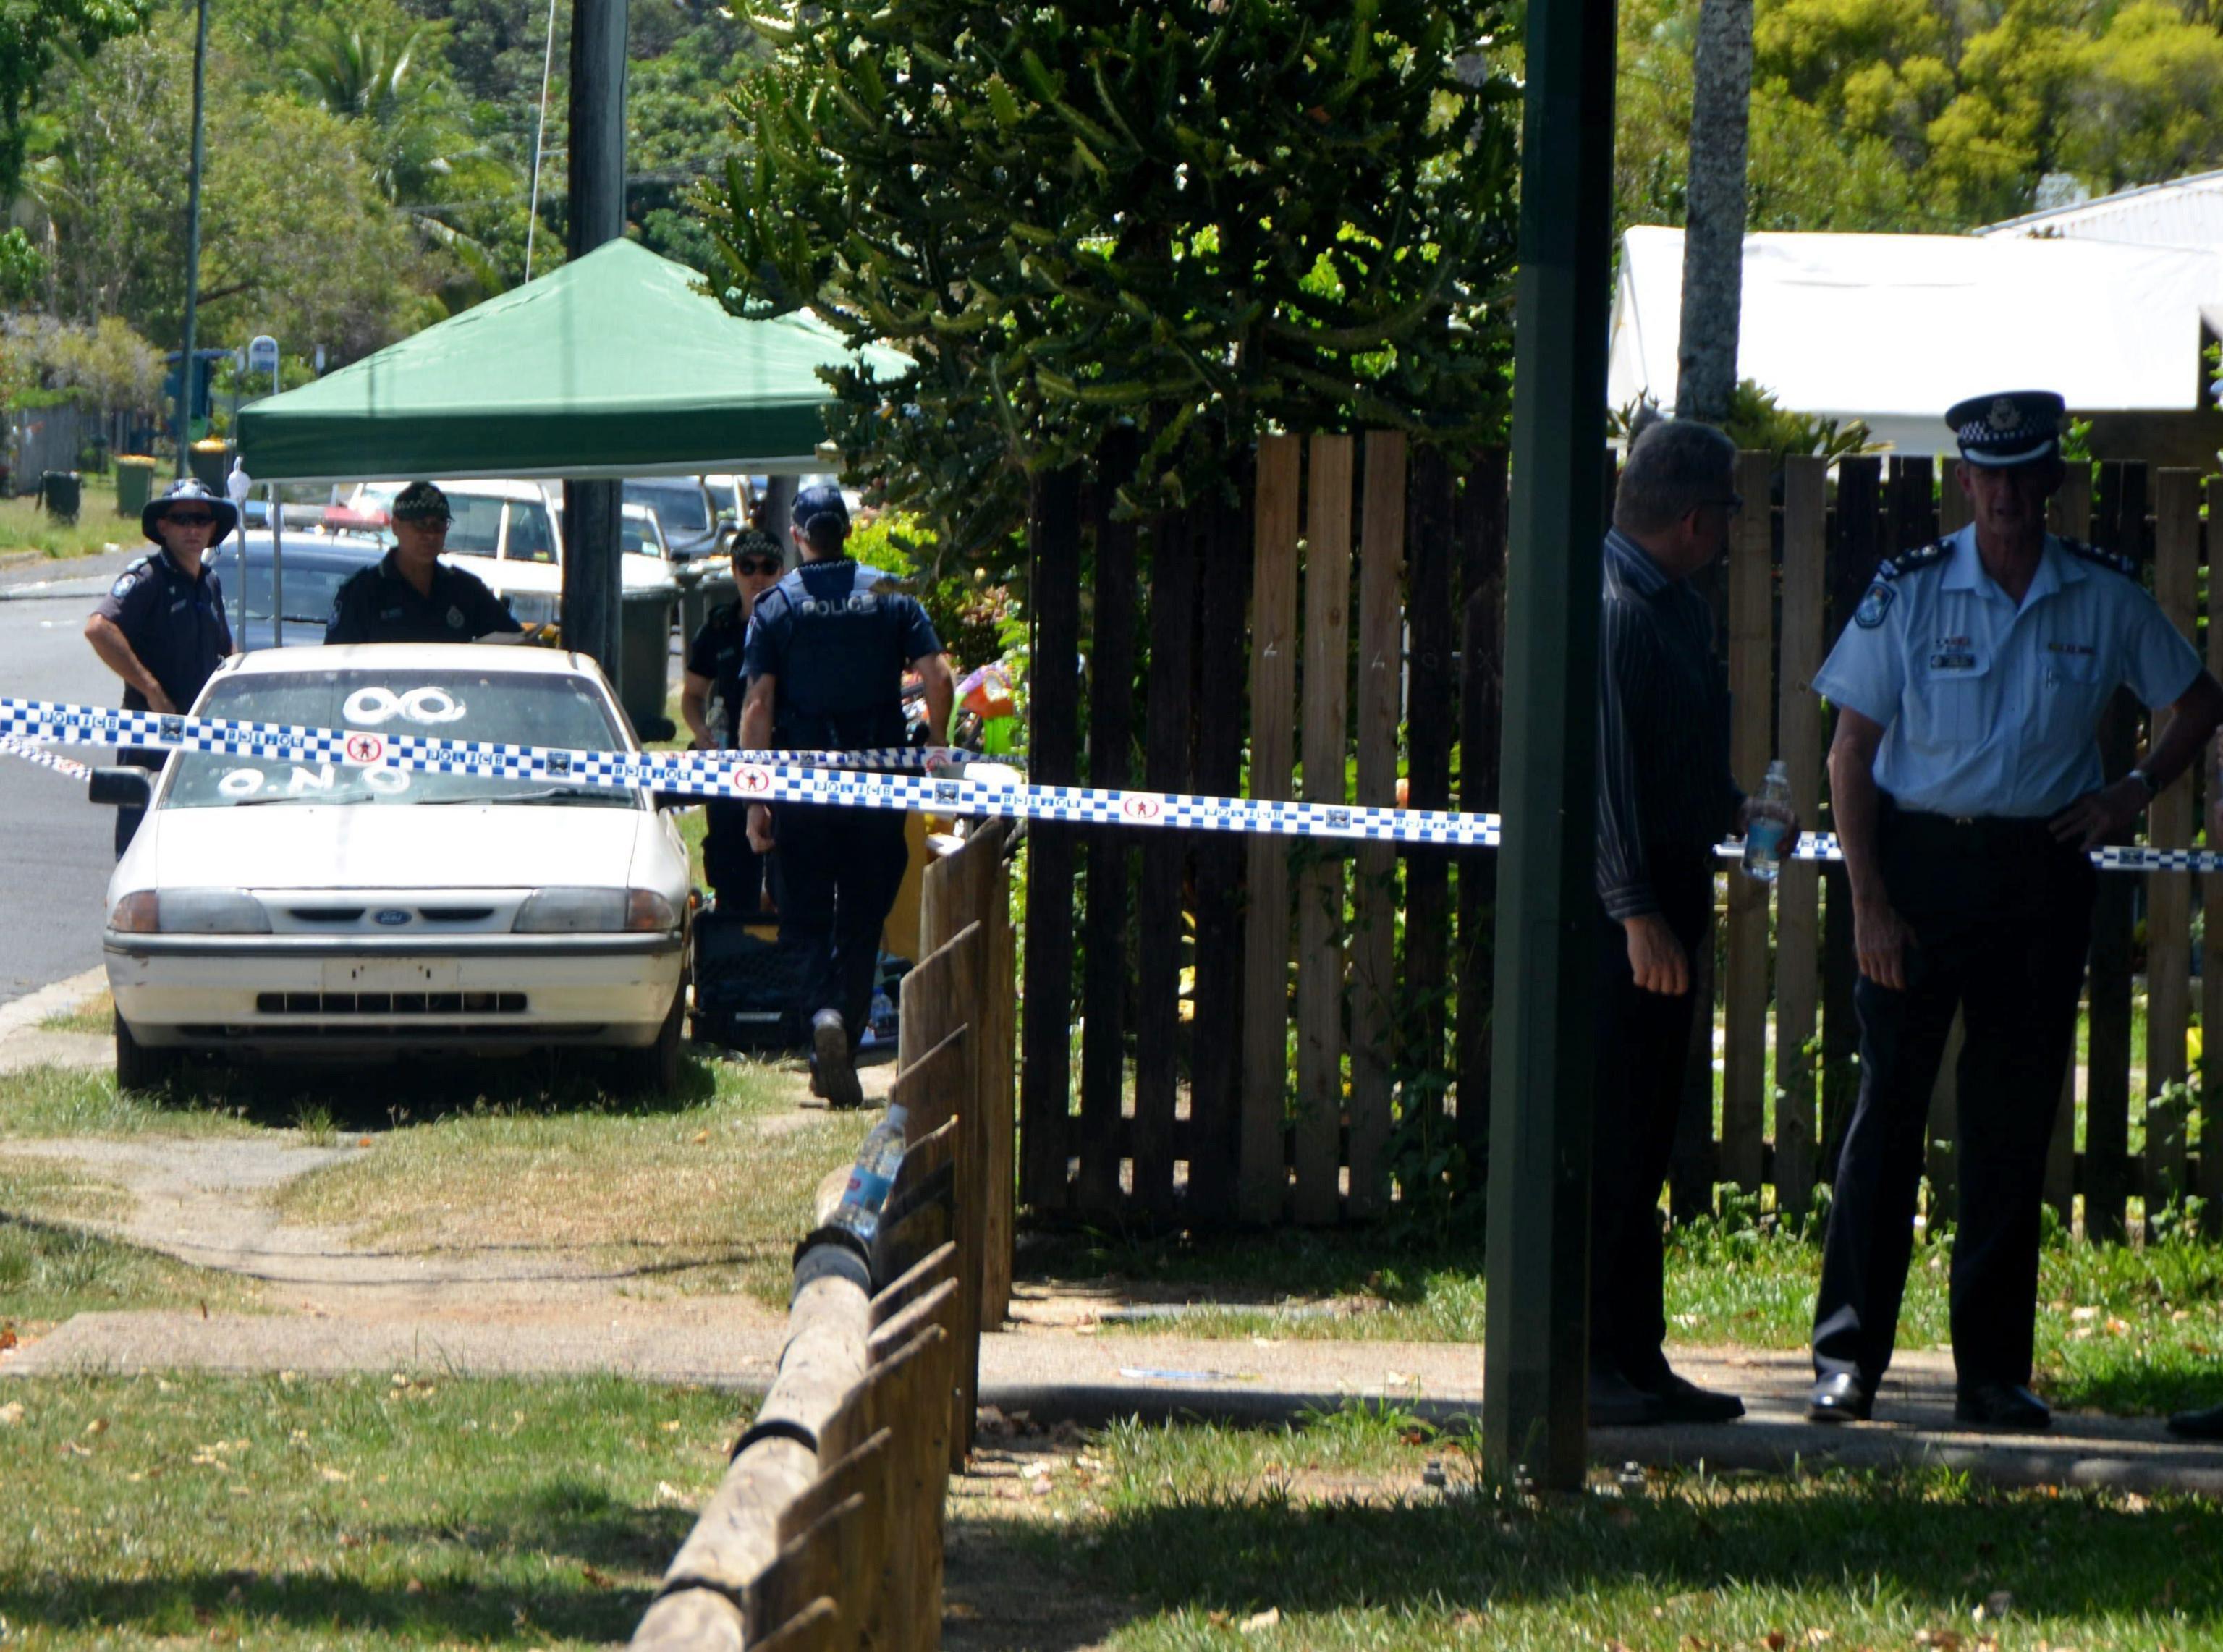 Strage in Australia: otto bambini uccisi a coltellate. Le immagini del luogo dell'orrore